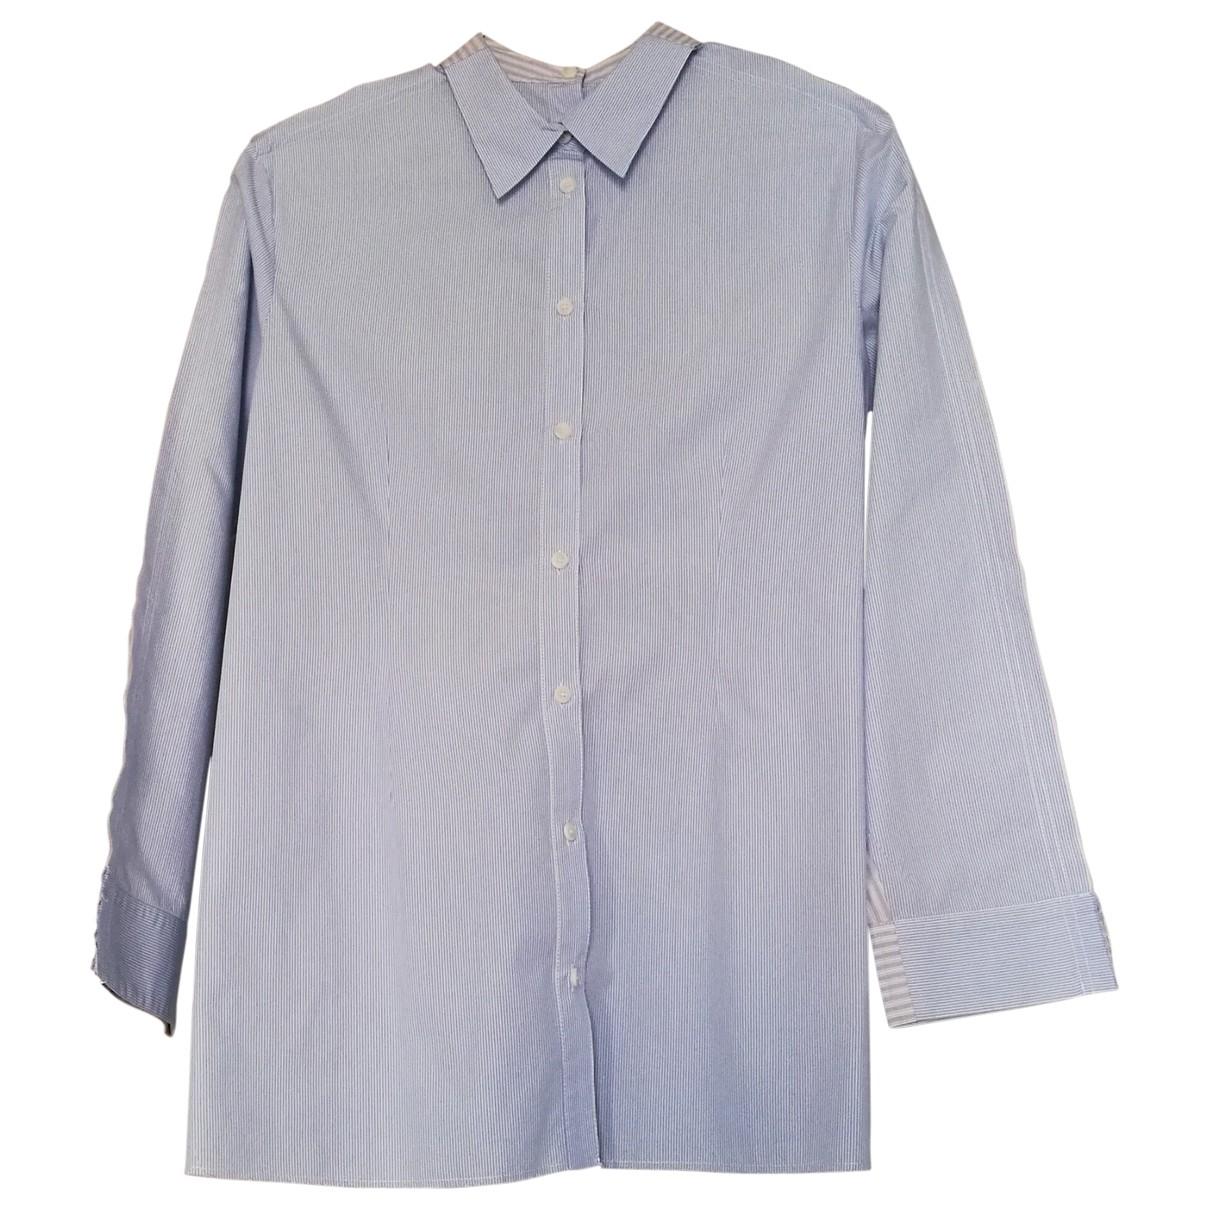 Maison Martin Margiela - Top   pour femme en coton - bleu